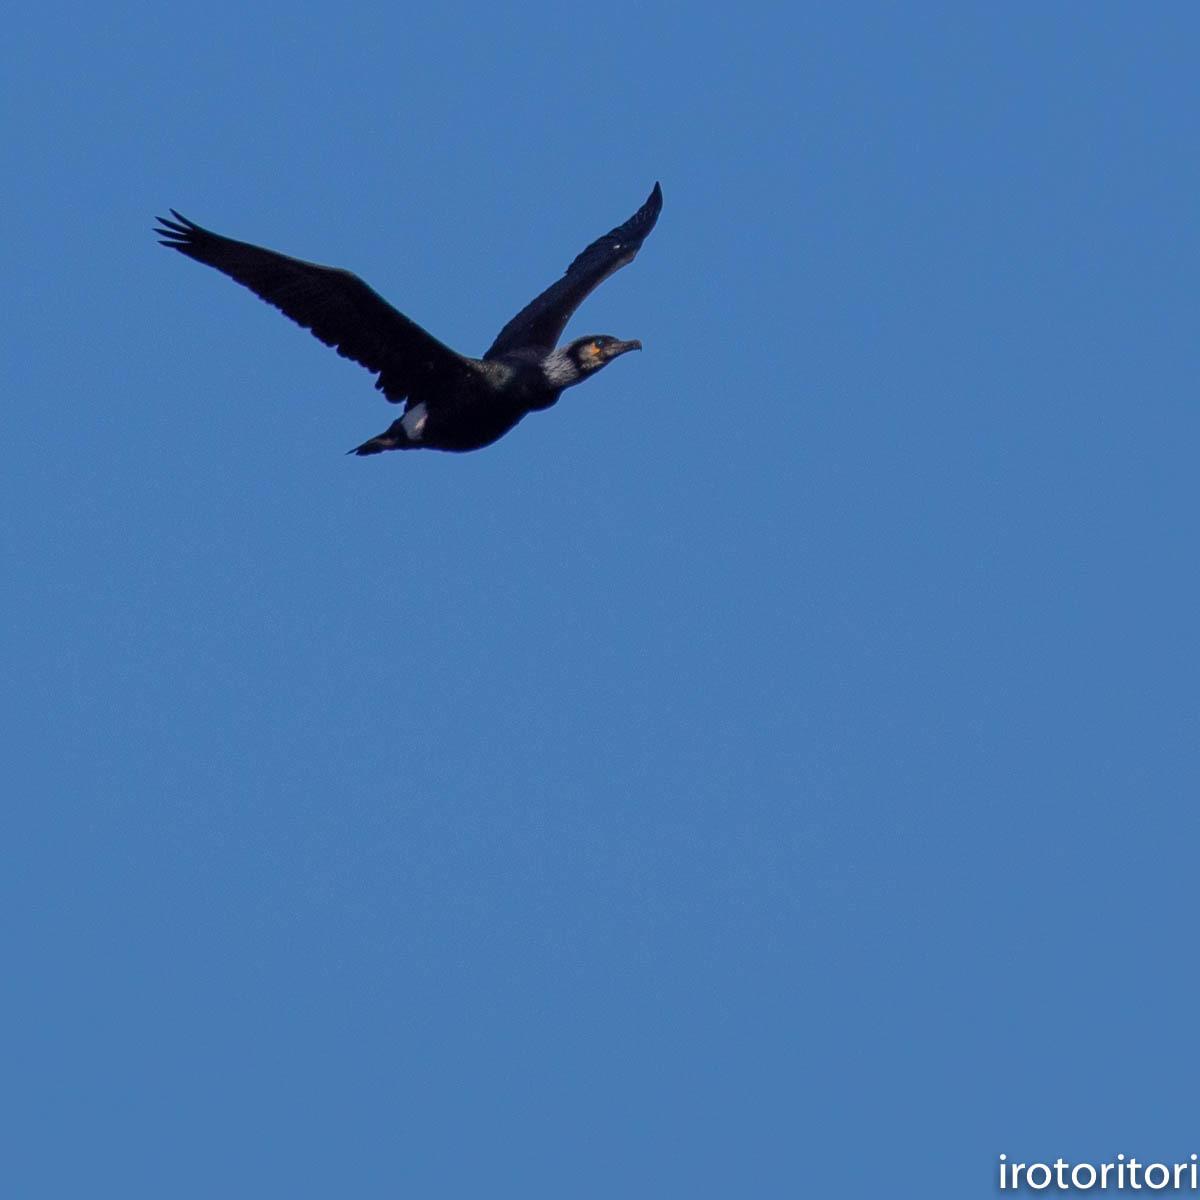 波と鳥 (カワウ他)  2020/03/12_d0146592_22565547.jpg